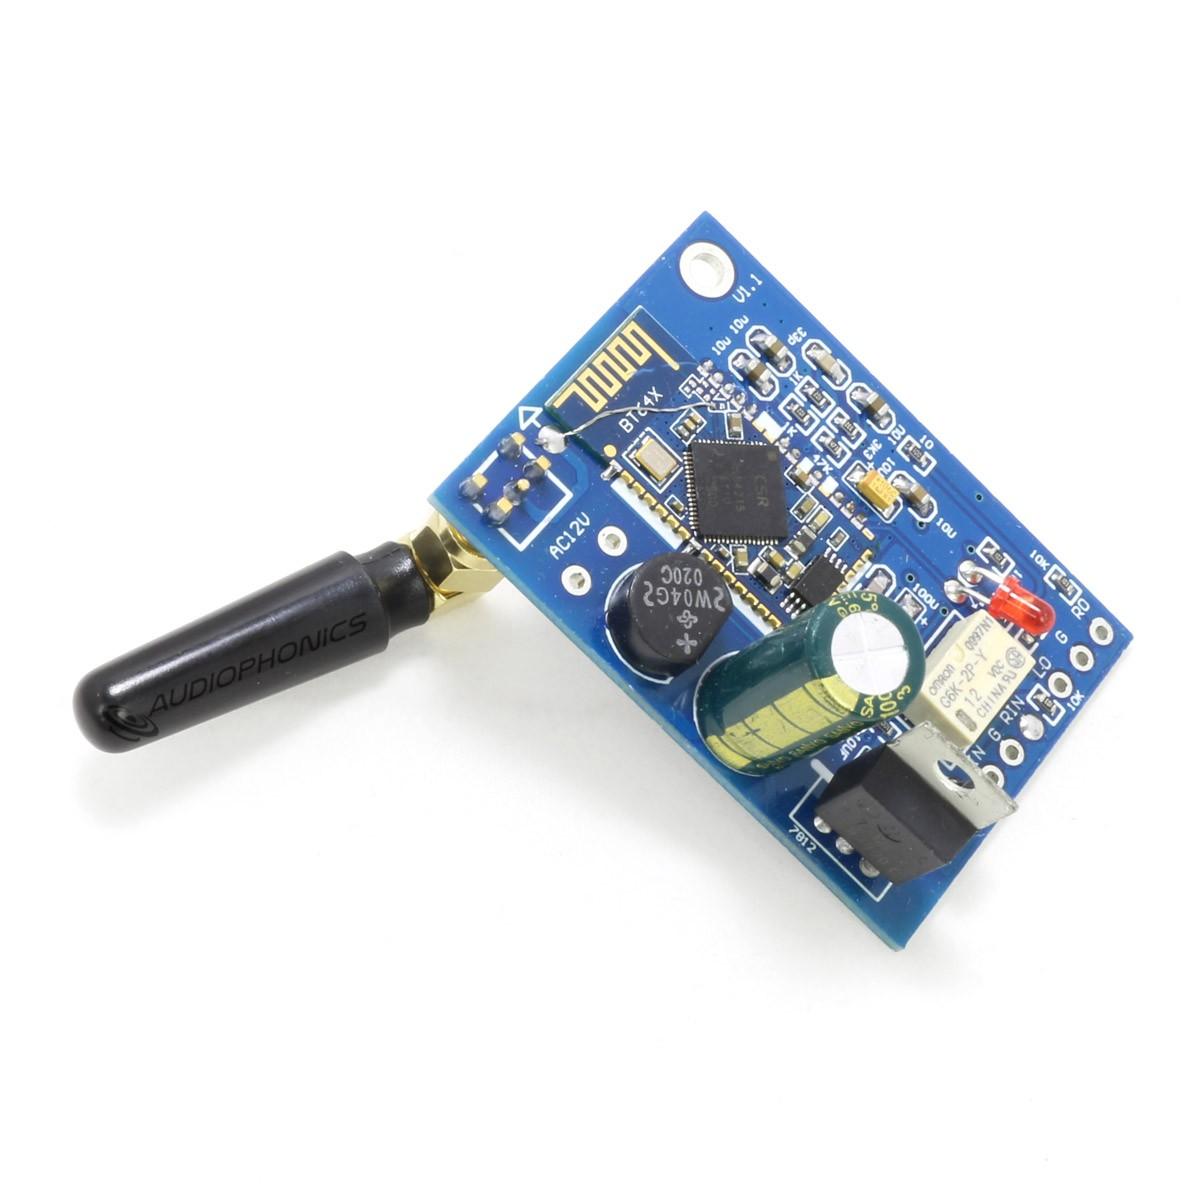 Bluetooth 4.2 Receiver Module CSR64215 aptX with Antenna